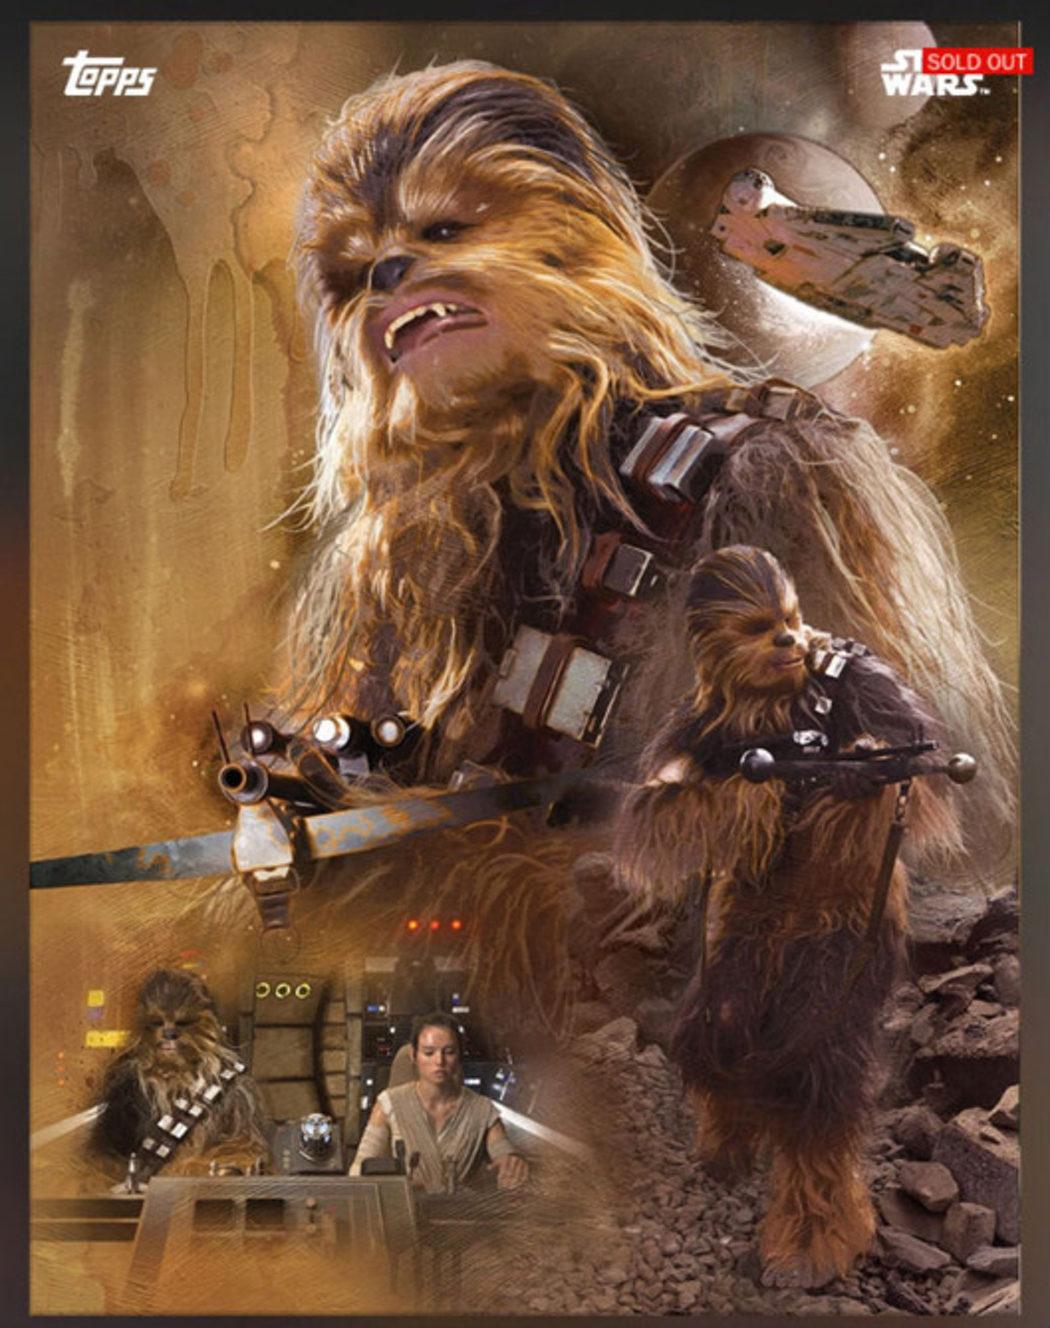 Una nueva imagen de 'Star Wars: El despertar de la fuerza' revela quién es el piloto del Halcón Milenario. ¡Spoilers!